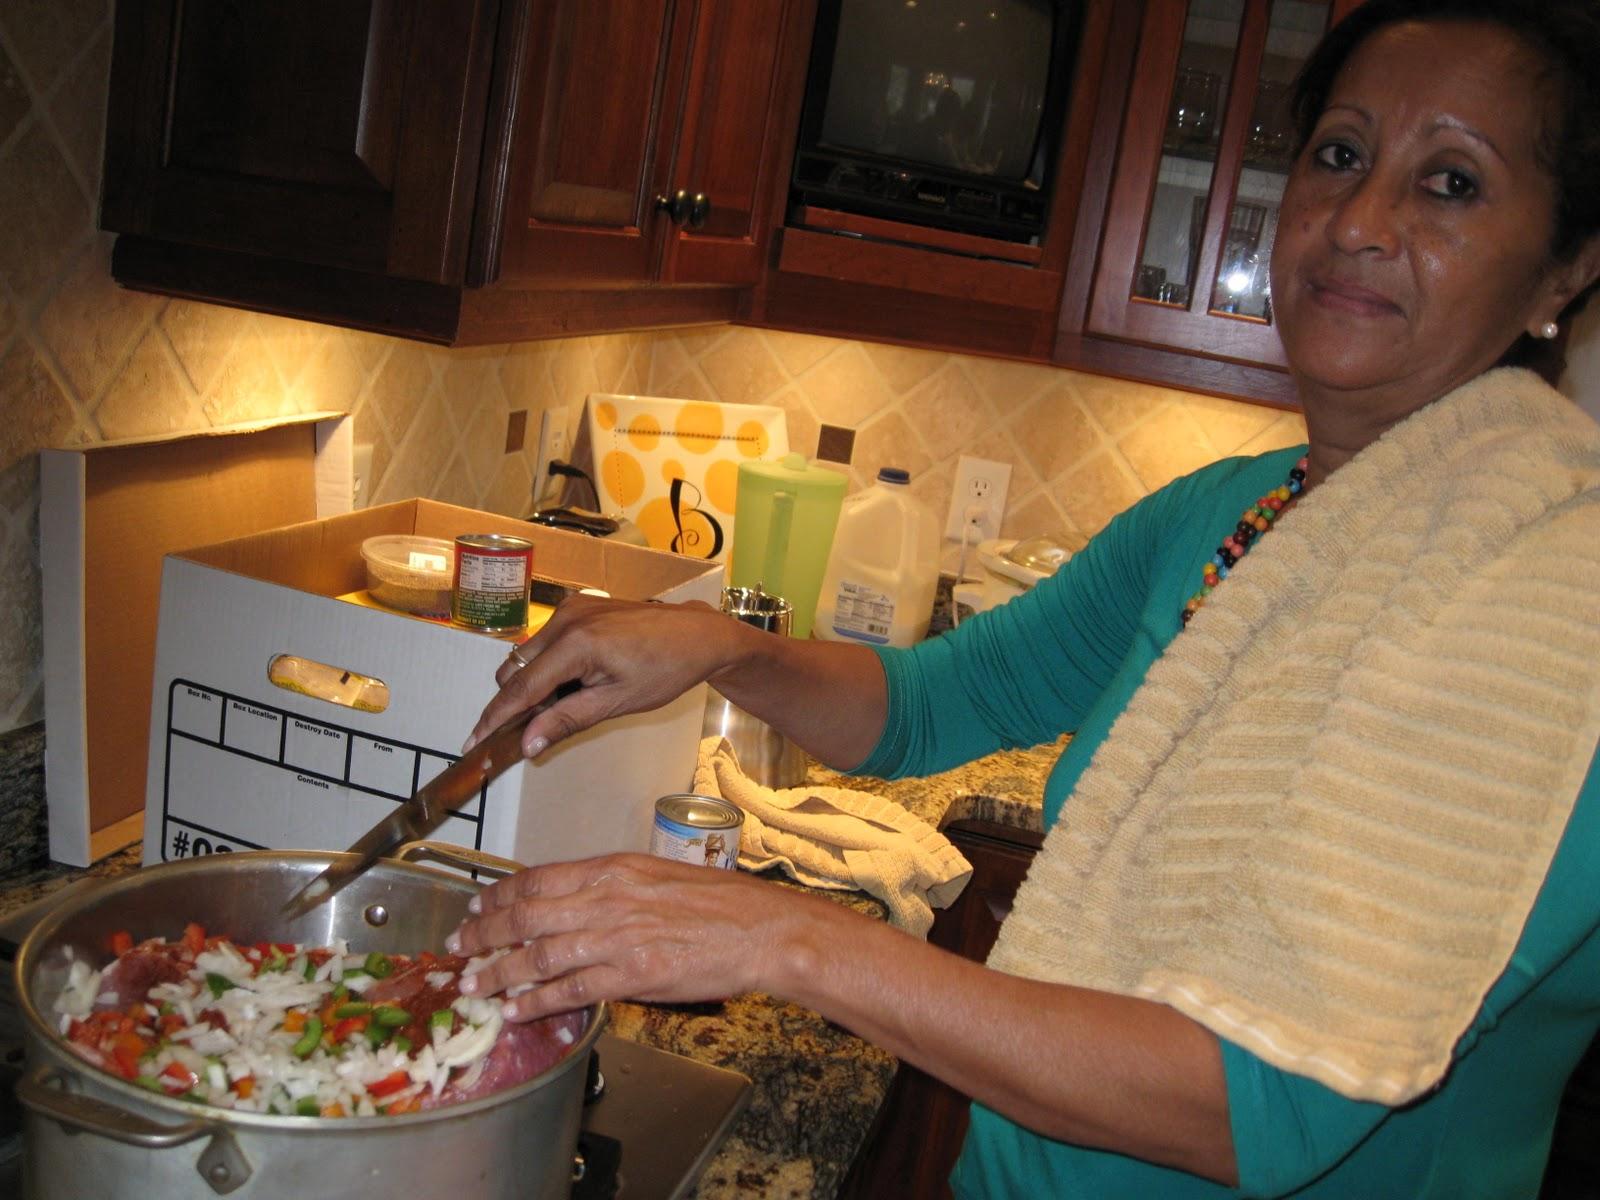 http://2.bp.blogspot.com/_kALj5BEef5A/TMeEBaFhcqI/AAAAAAAAAGQ/us71kge4kws/s1600/con+cooking.JPG